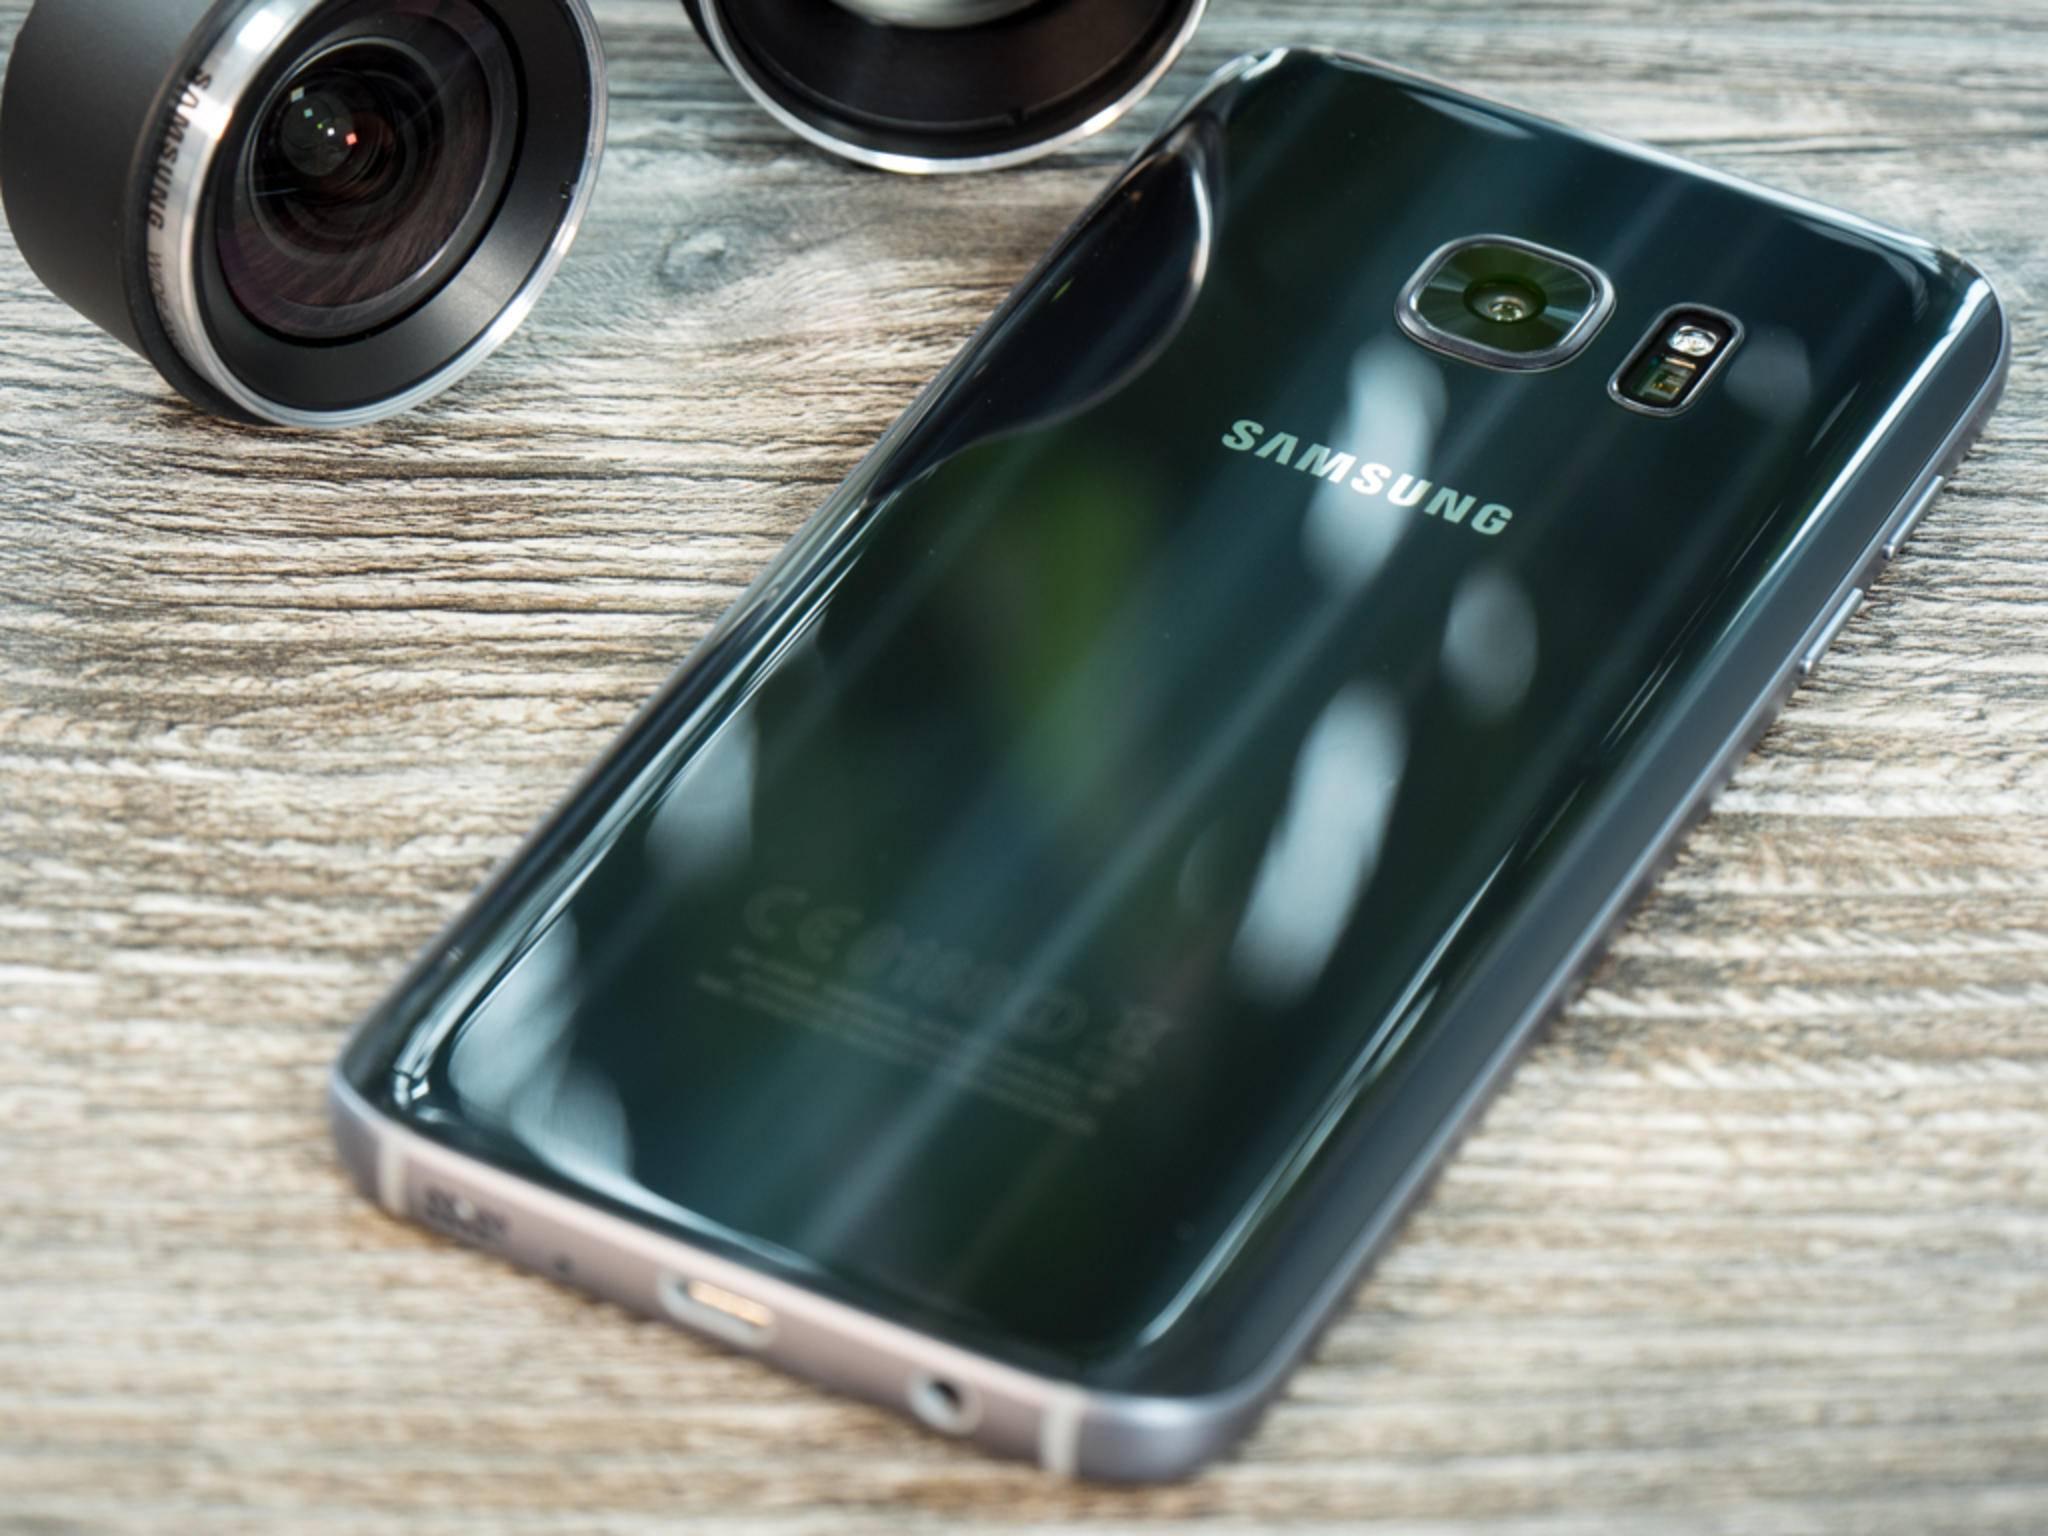 Das schwarze Case schützt die edle Glasrückseite des Smartphones.